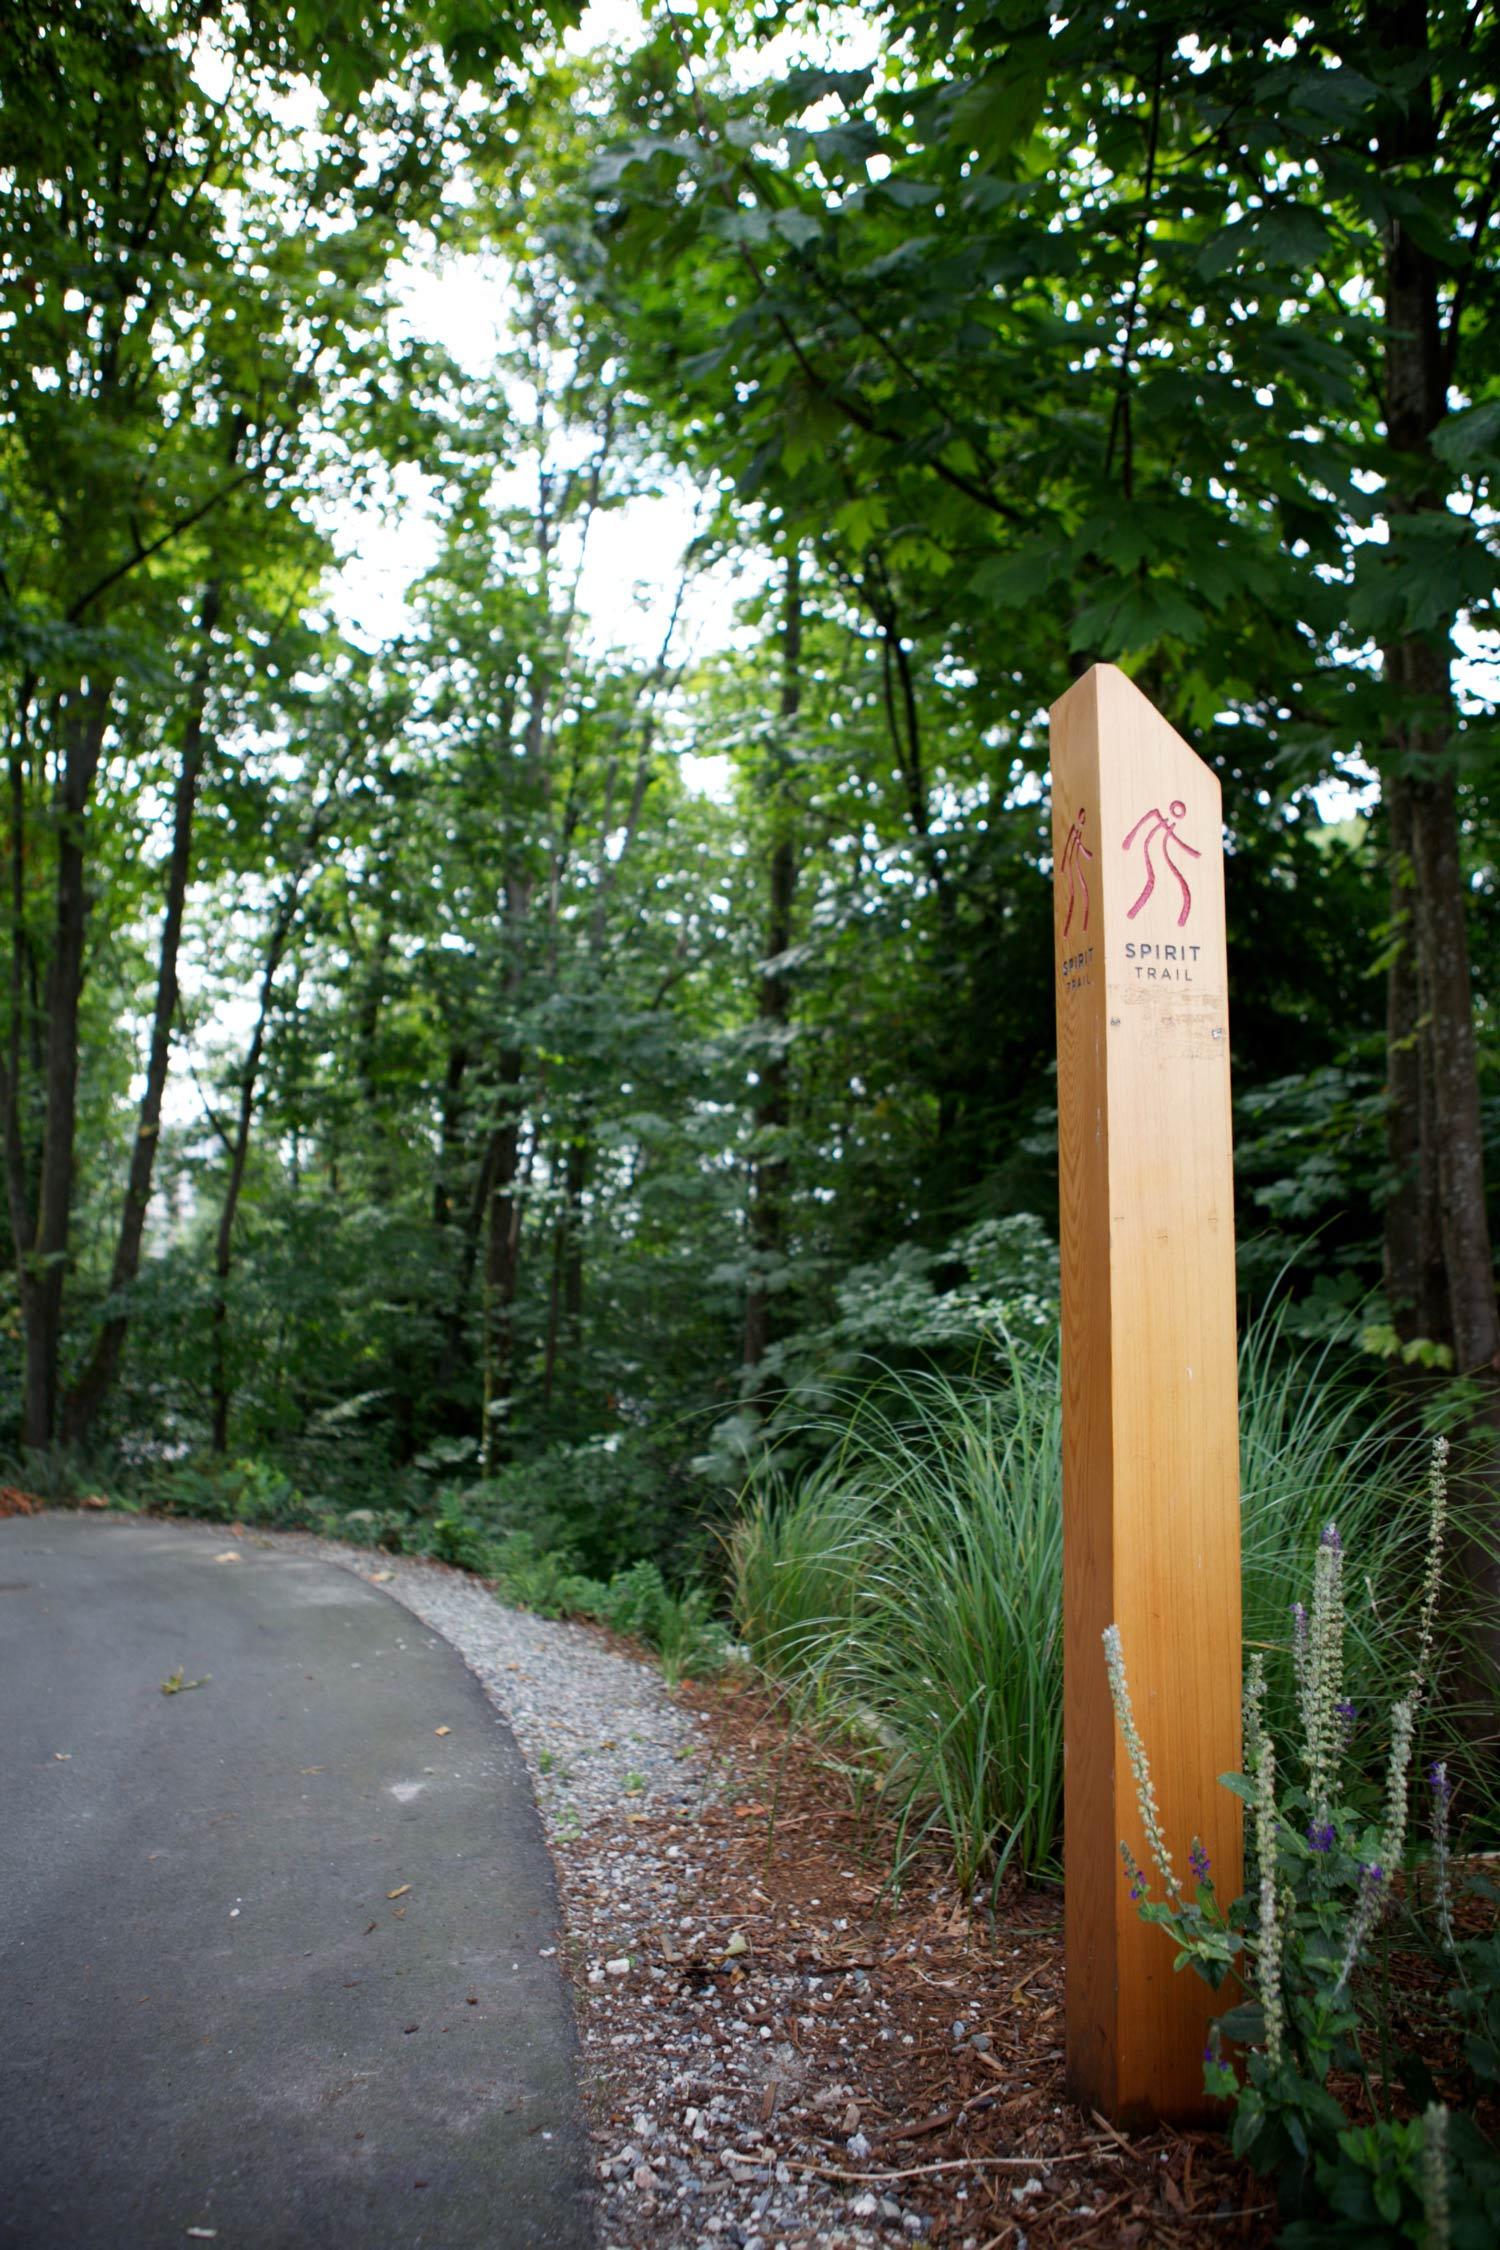 MINOR ENTRANCE IDENTIFICATION A minor entrance identification post subtly but clearly identifies entrances.